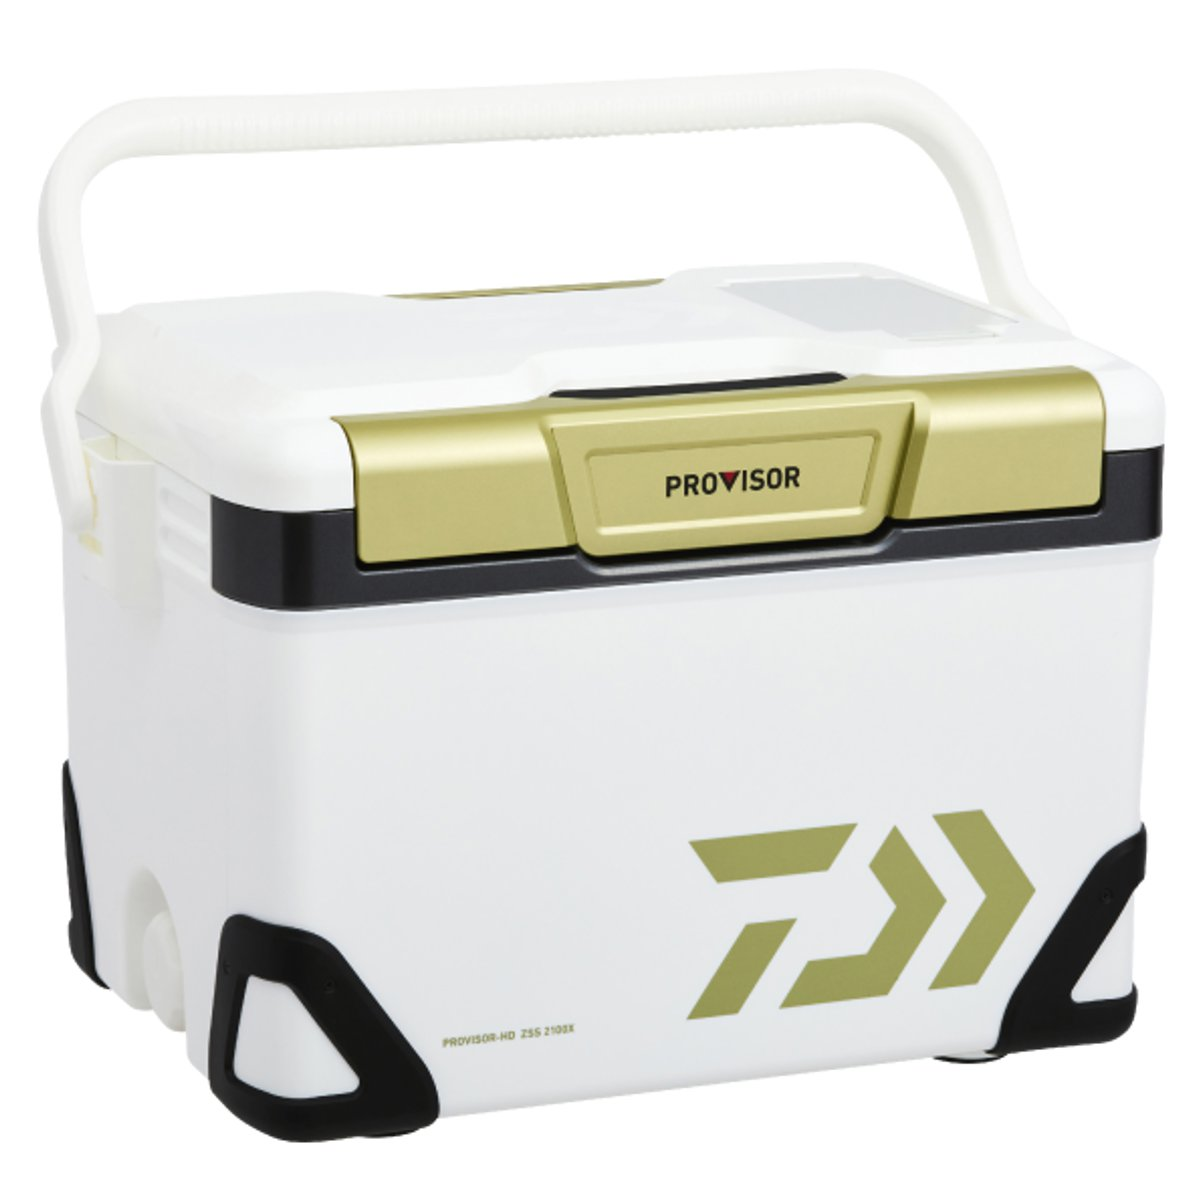 ダイワ プロバイザー HD ZSS 2100X シャンパンゴールド クーラーボックス